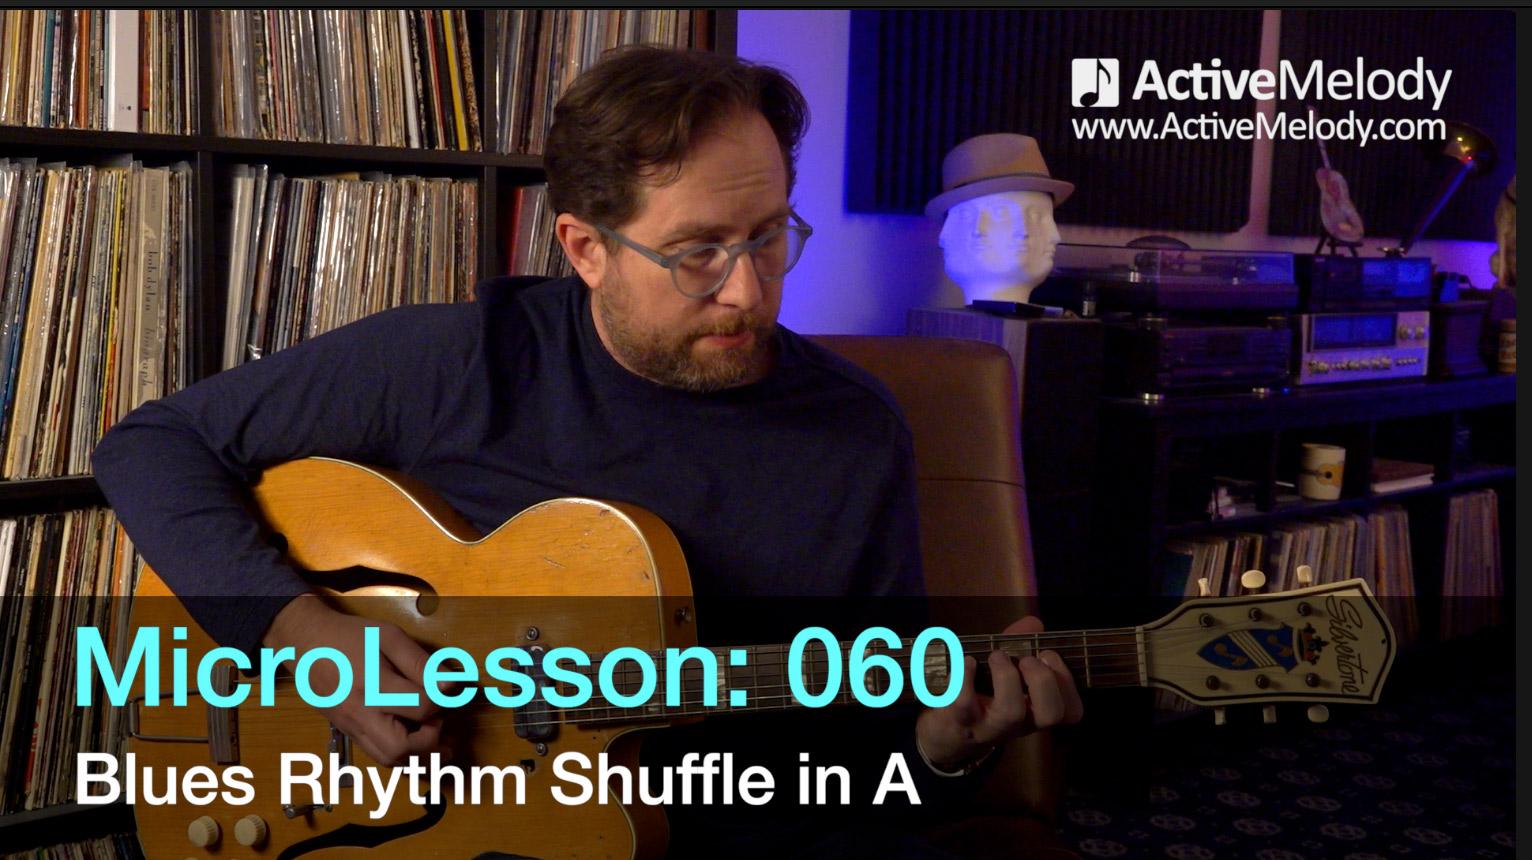 MicroLesson: 060 – Blues Rhythm Shuffle in the key of A – Blues Rhythm Guitar Lesson